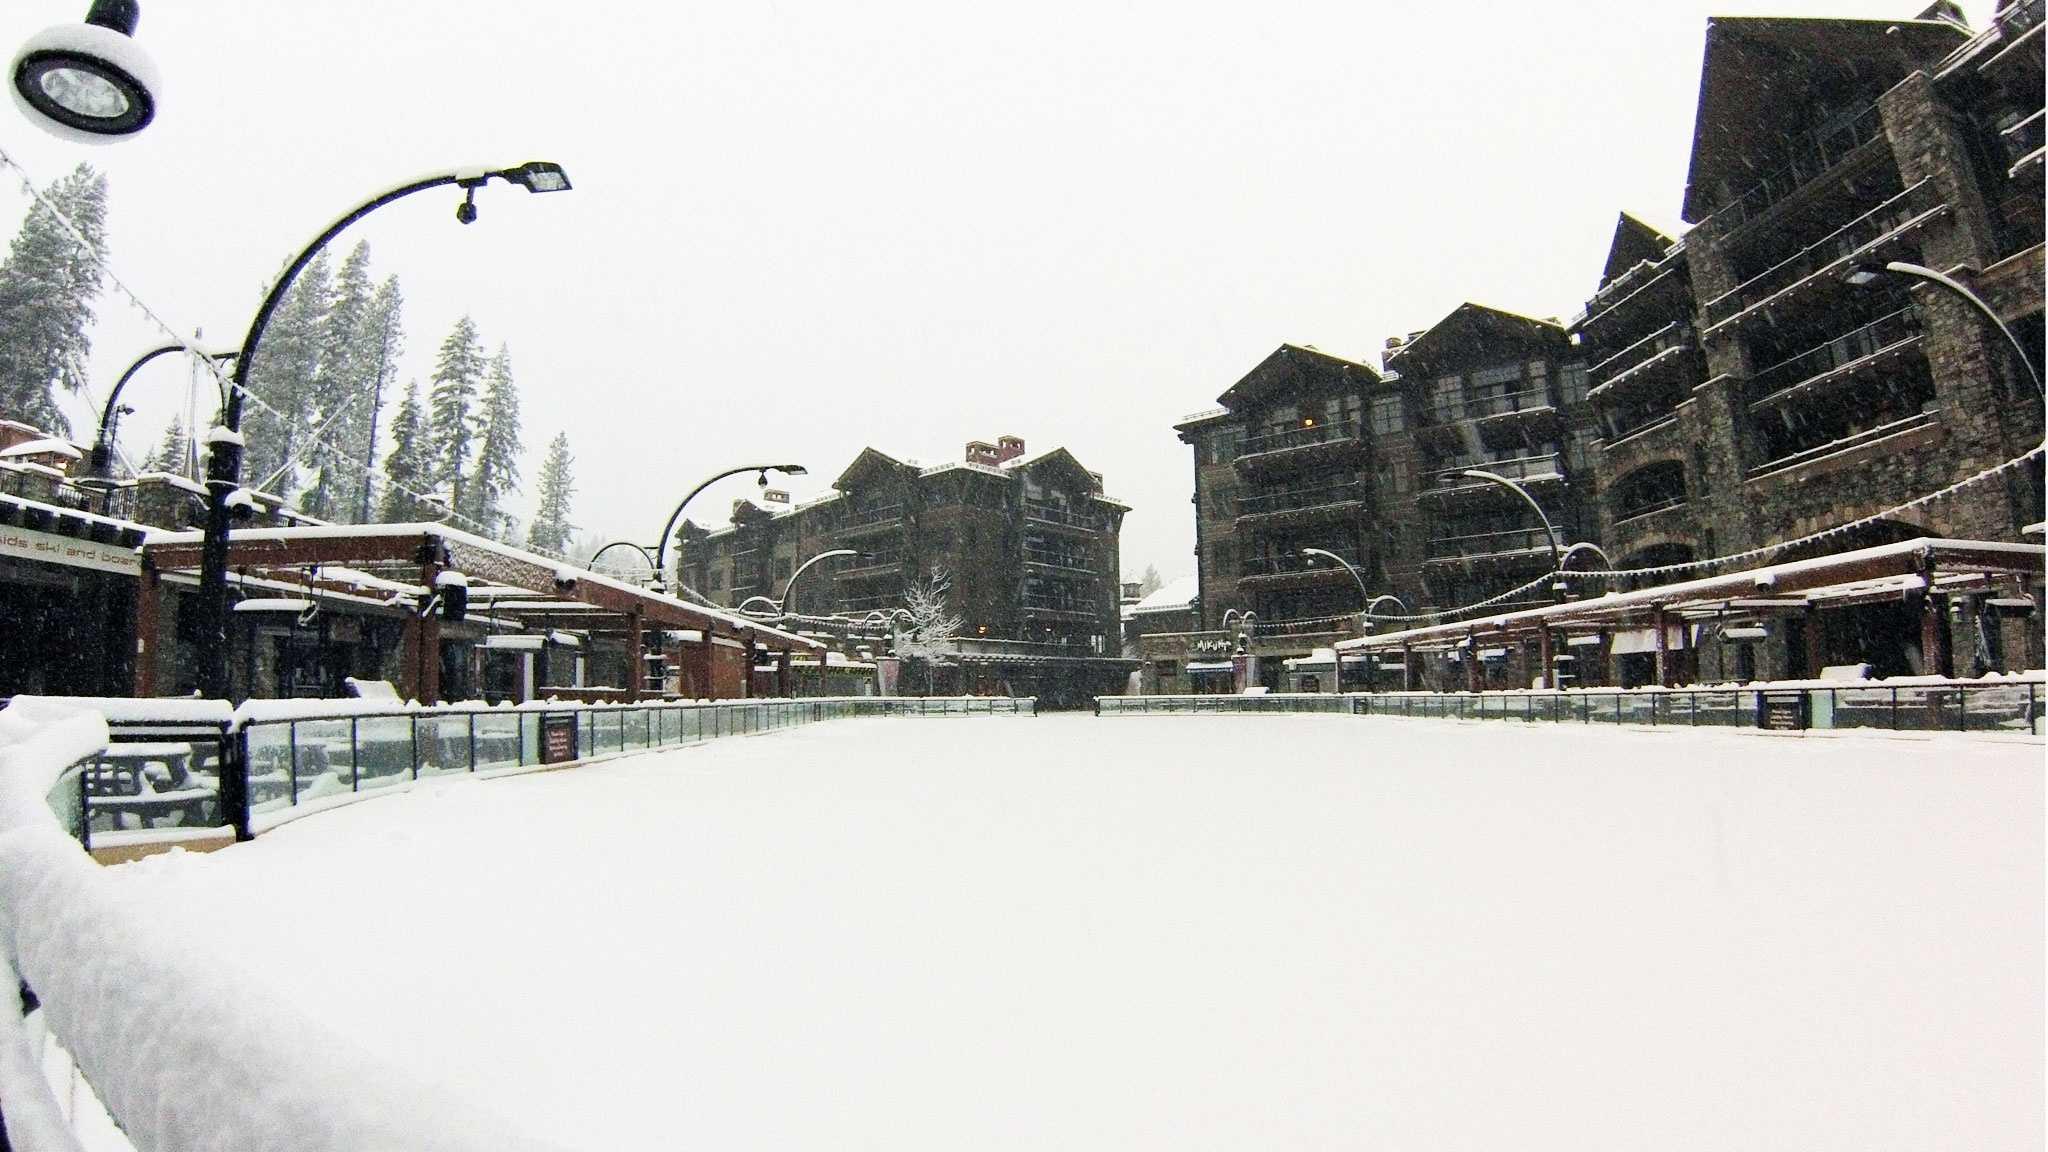 Ski ski lift skiers skier